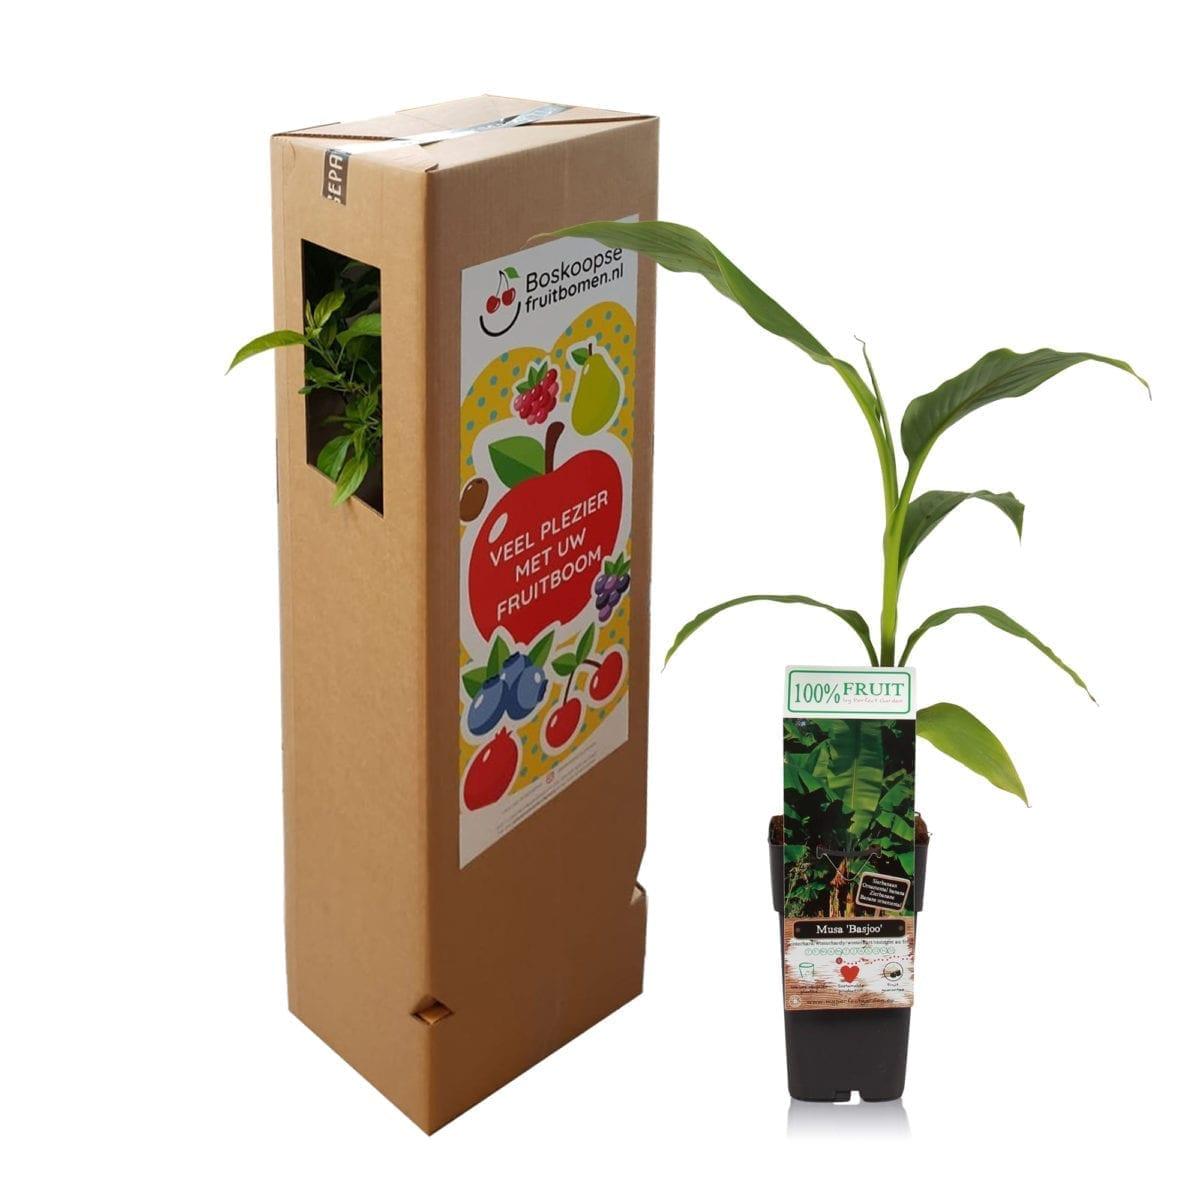 boskoopsefruitbomen | Bananenplant met verzenddoos